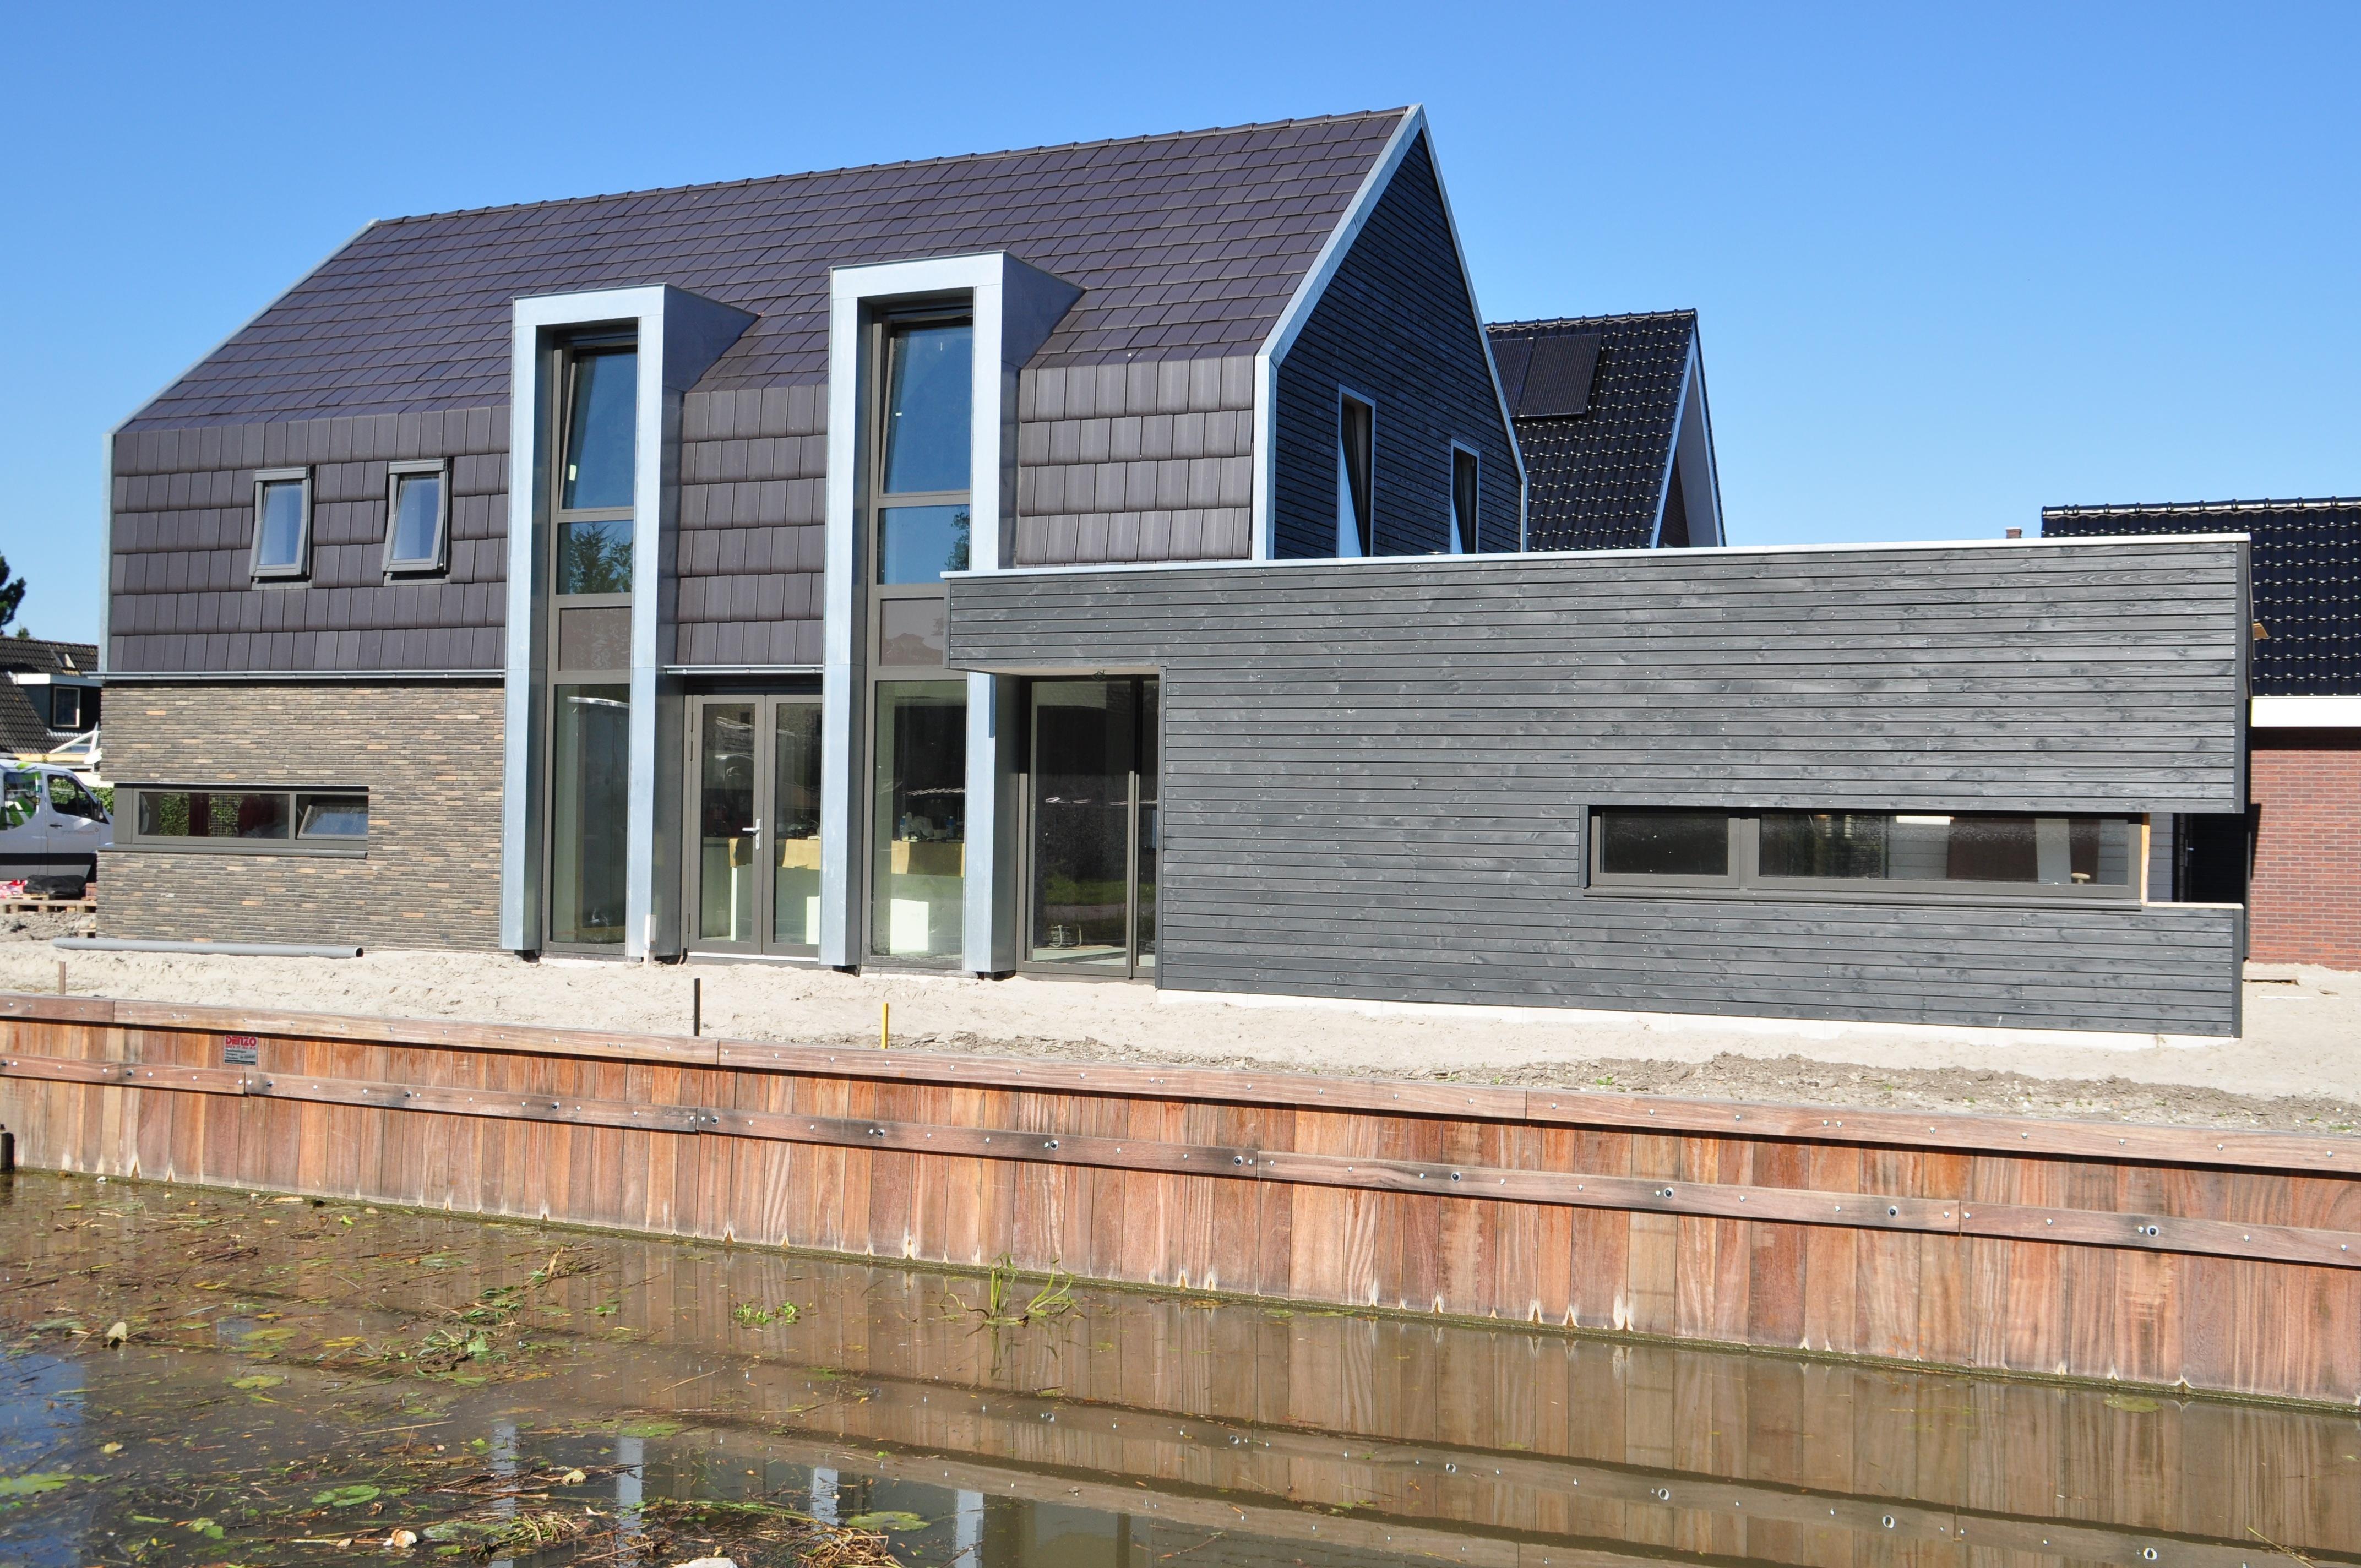 Nieuwbouw moderne woning broek op langedijk moderne woning nico dekker ontwerp bouwkunde - Huis in de moderne ...